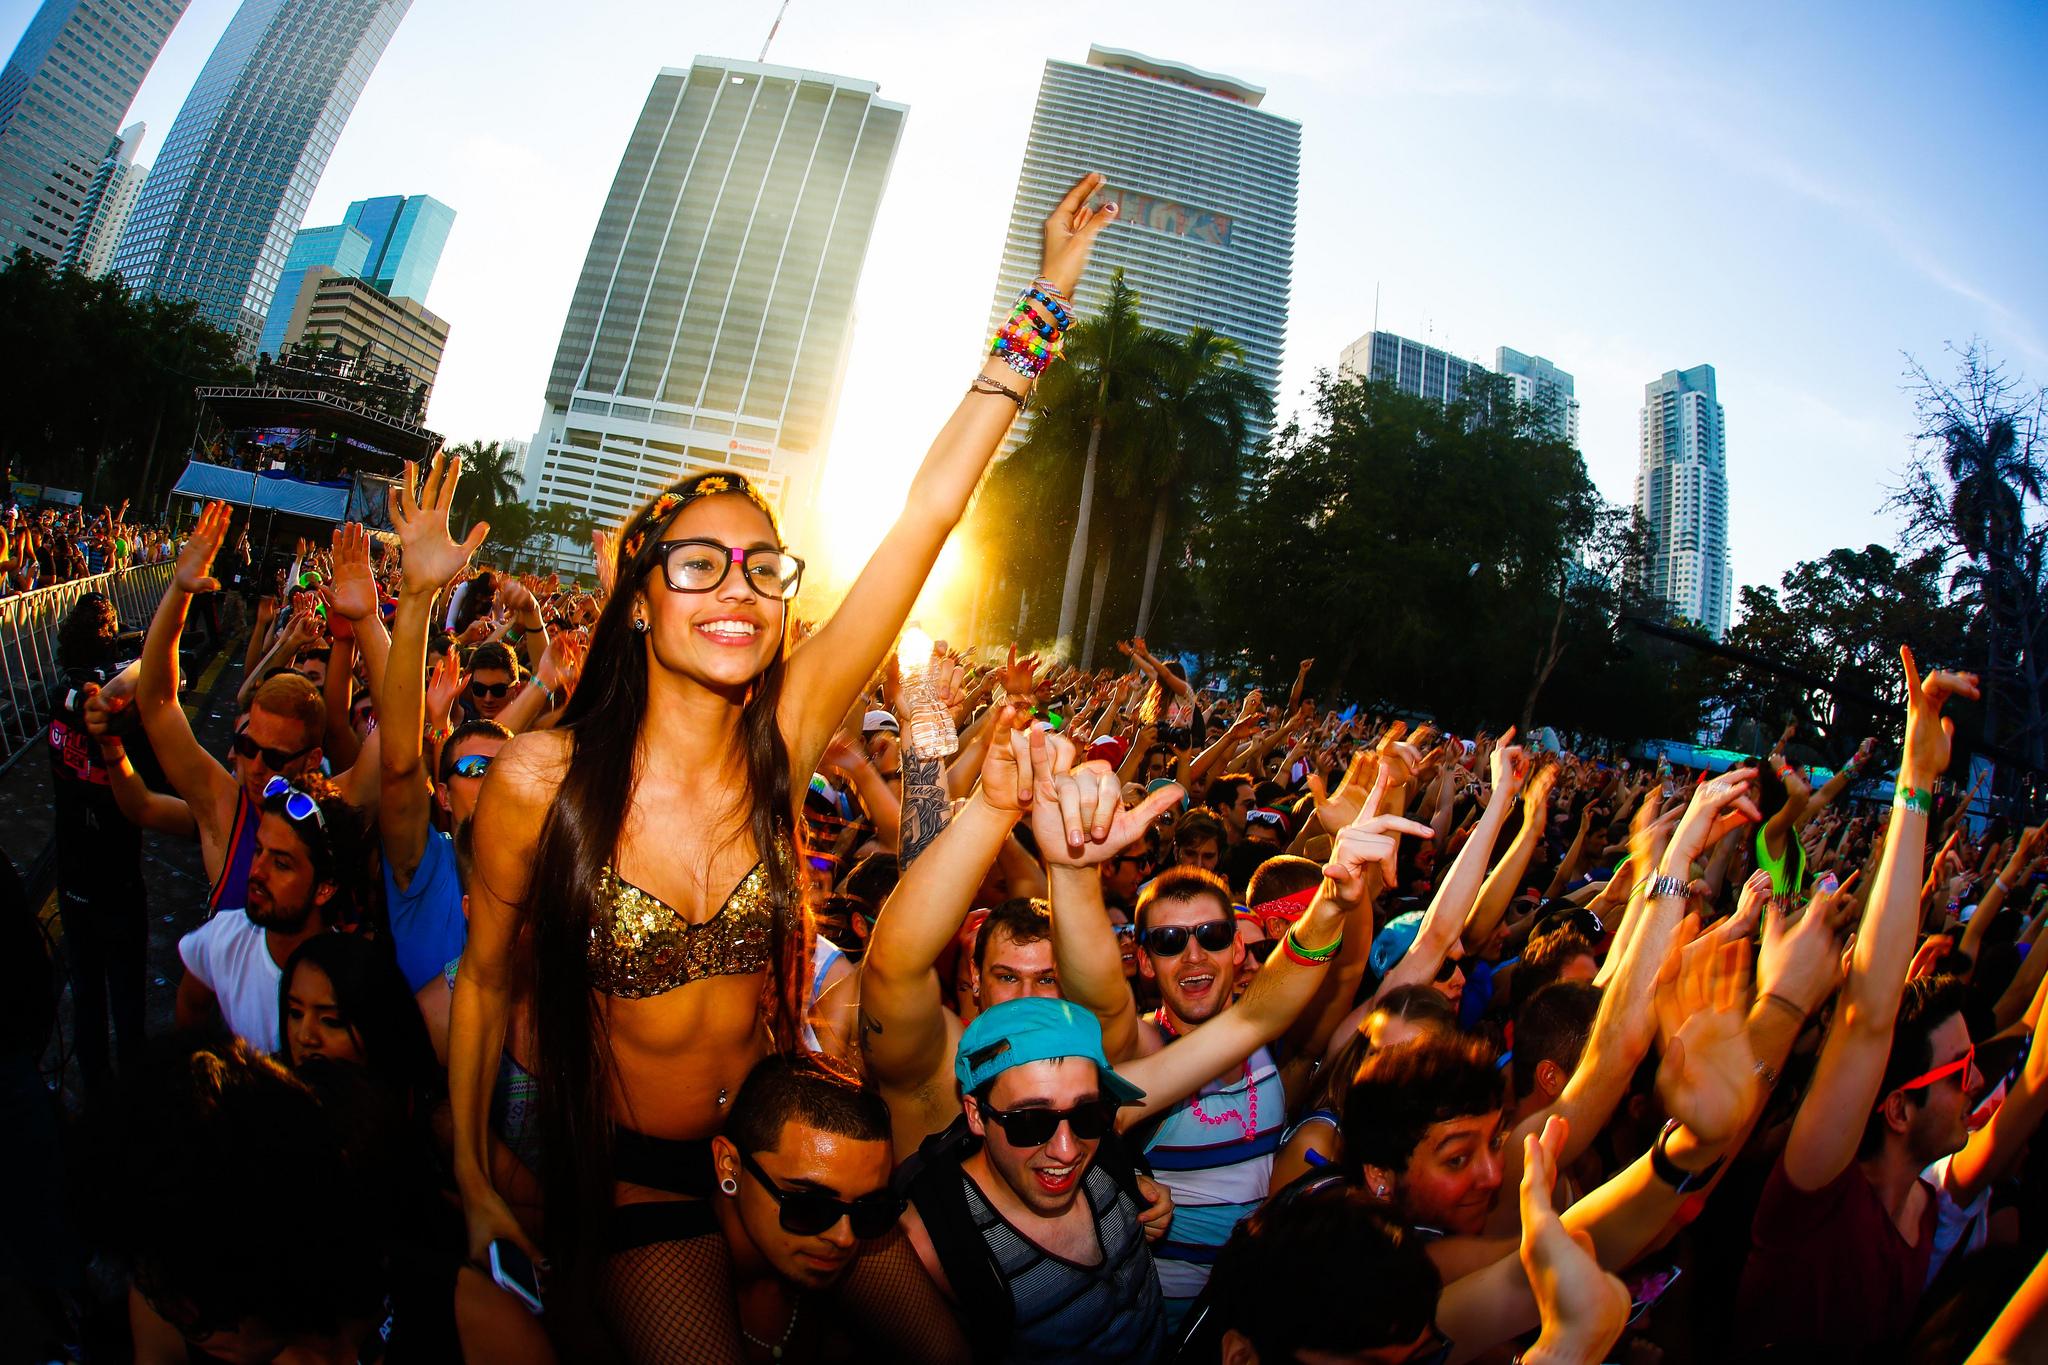 A previsão é que este ano o Ultra Music Festival tenha público recorde de quase 200 mil pessoas